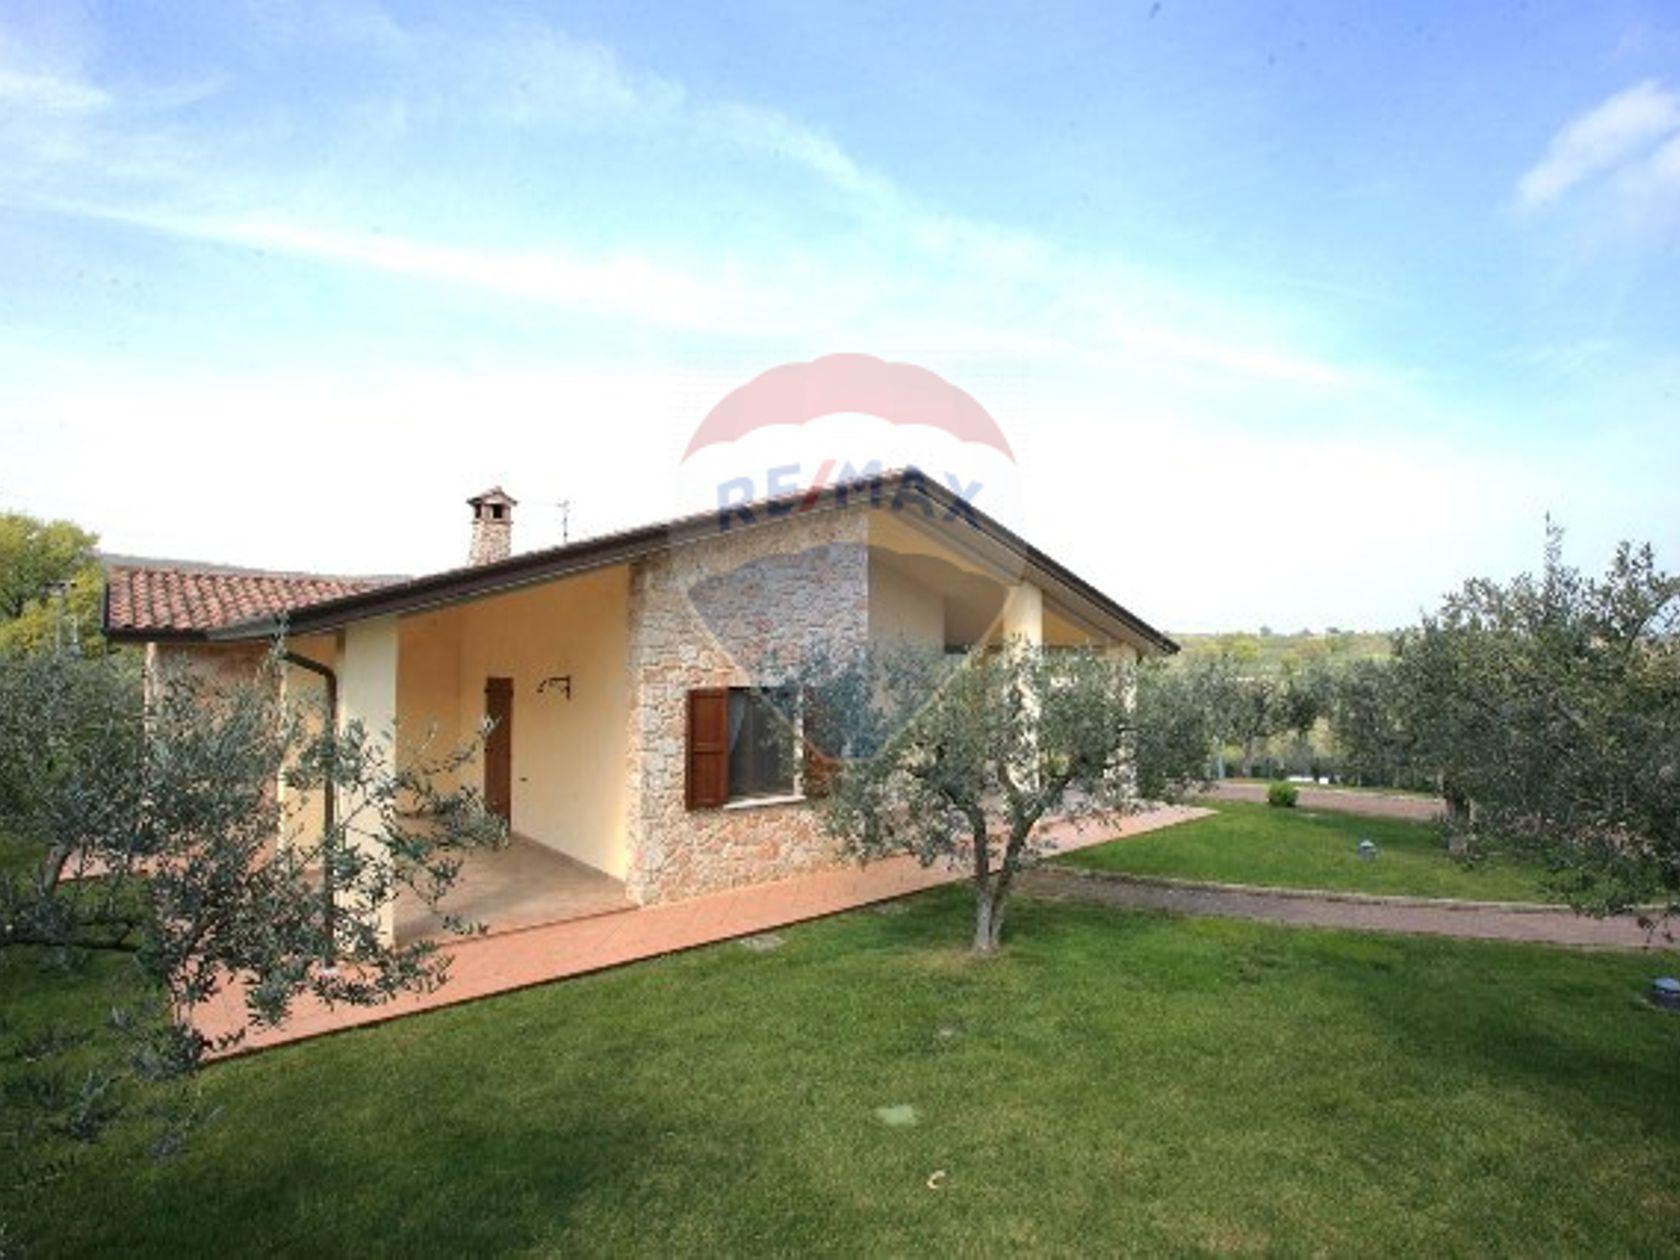 Villa singola Marcellano, Gualdo Cattaneo, PG Vendita - Foto 13